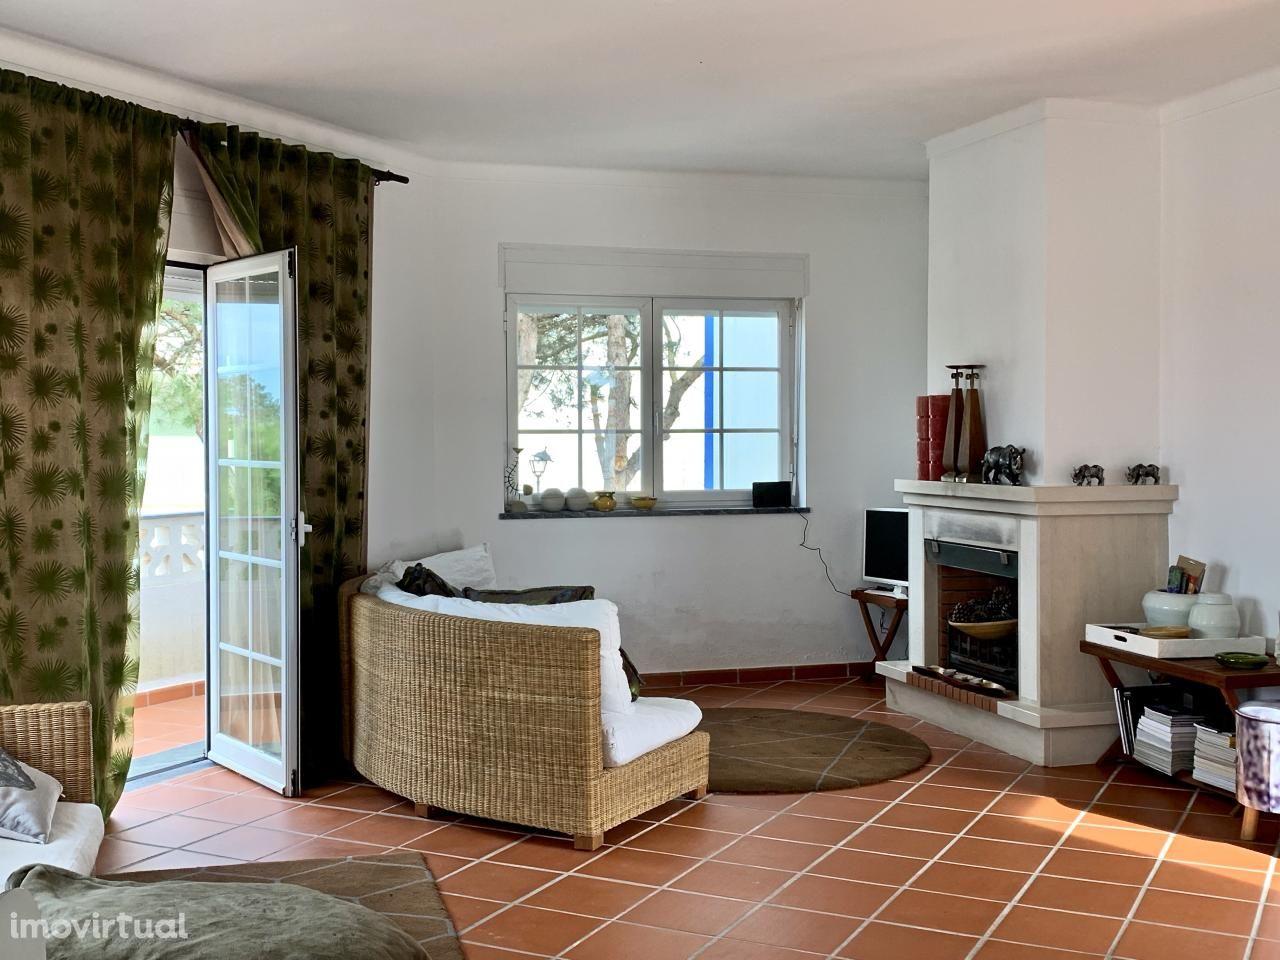 Apartamento para comprar, Amoreira, Óbidos, Leiria - Foto 1